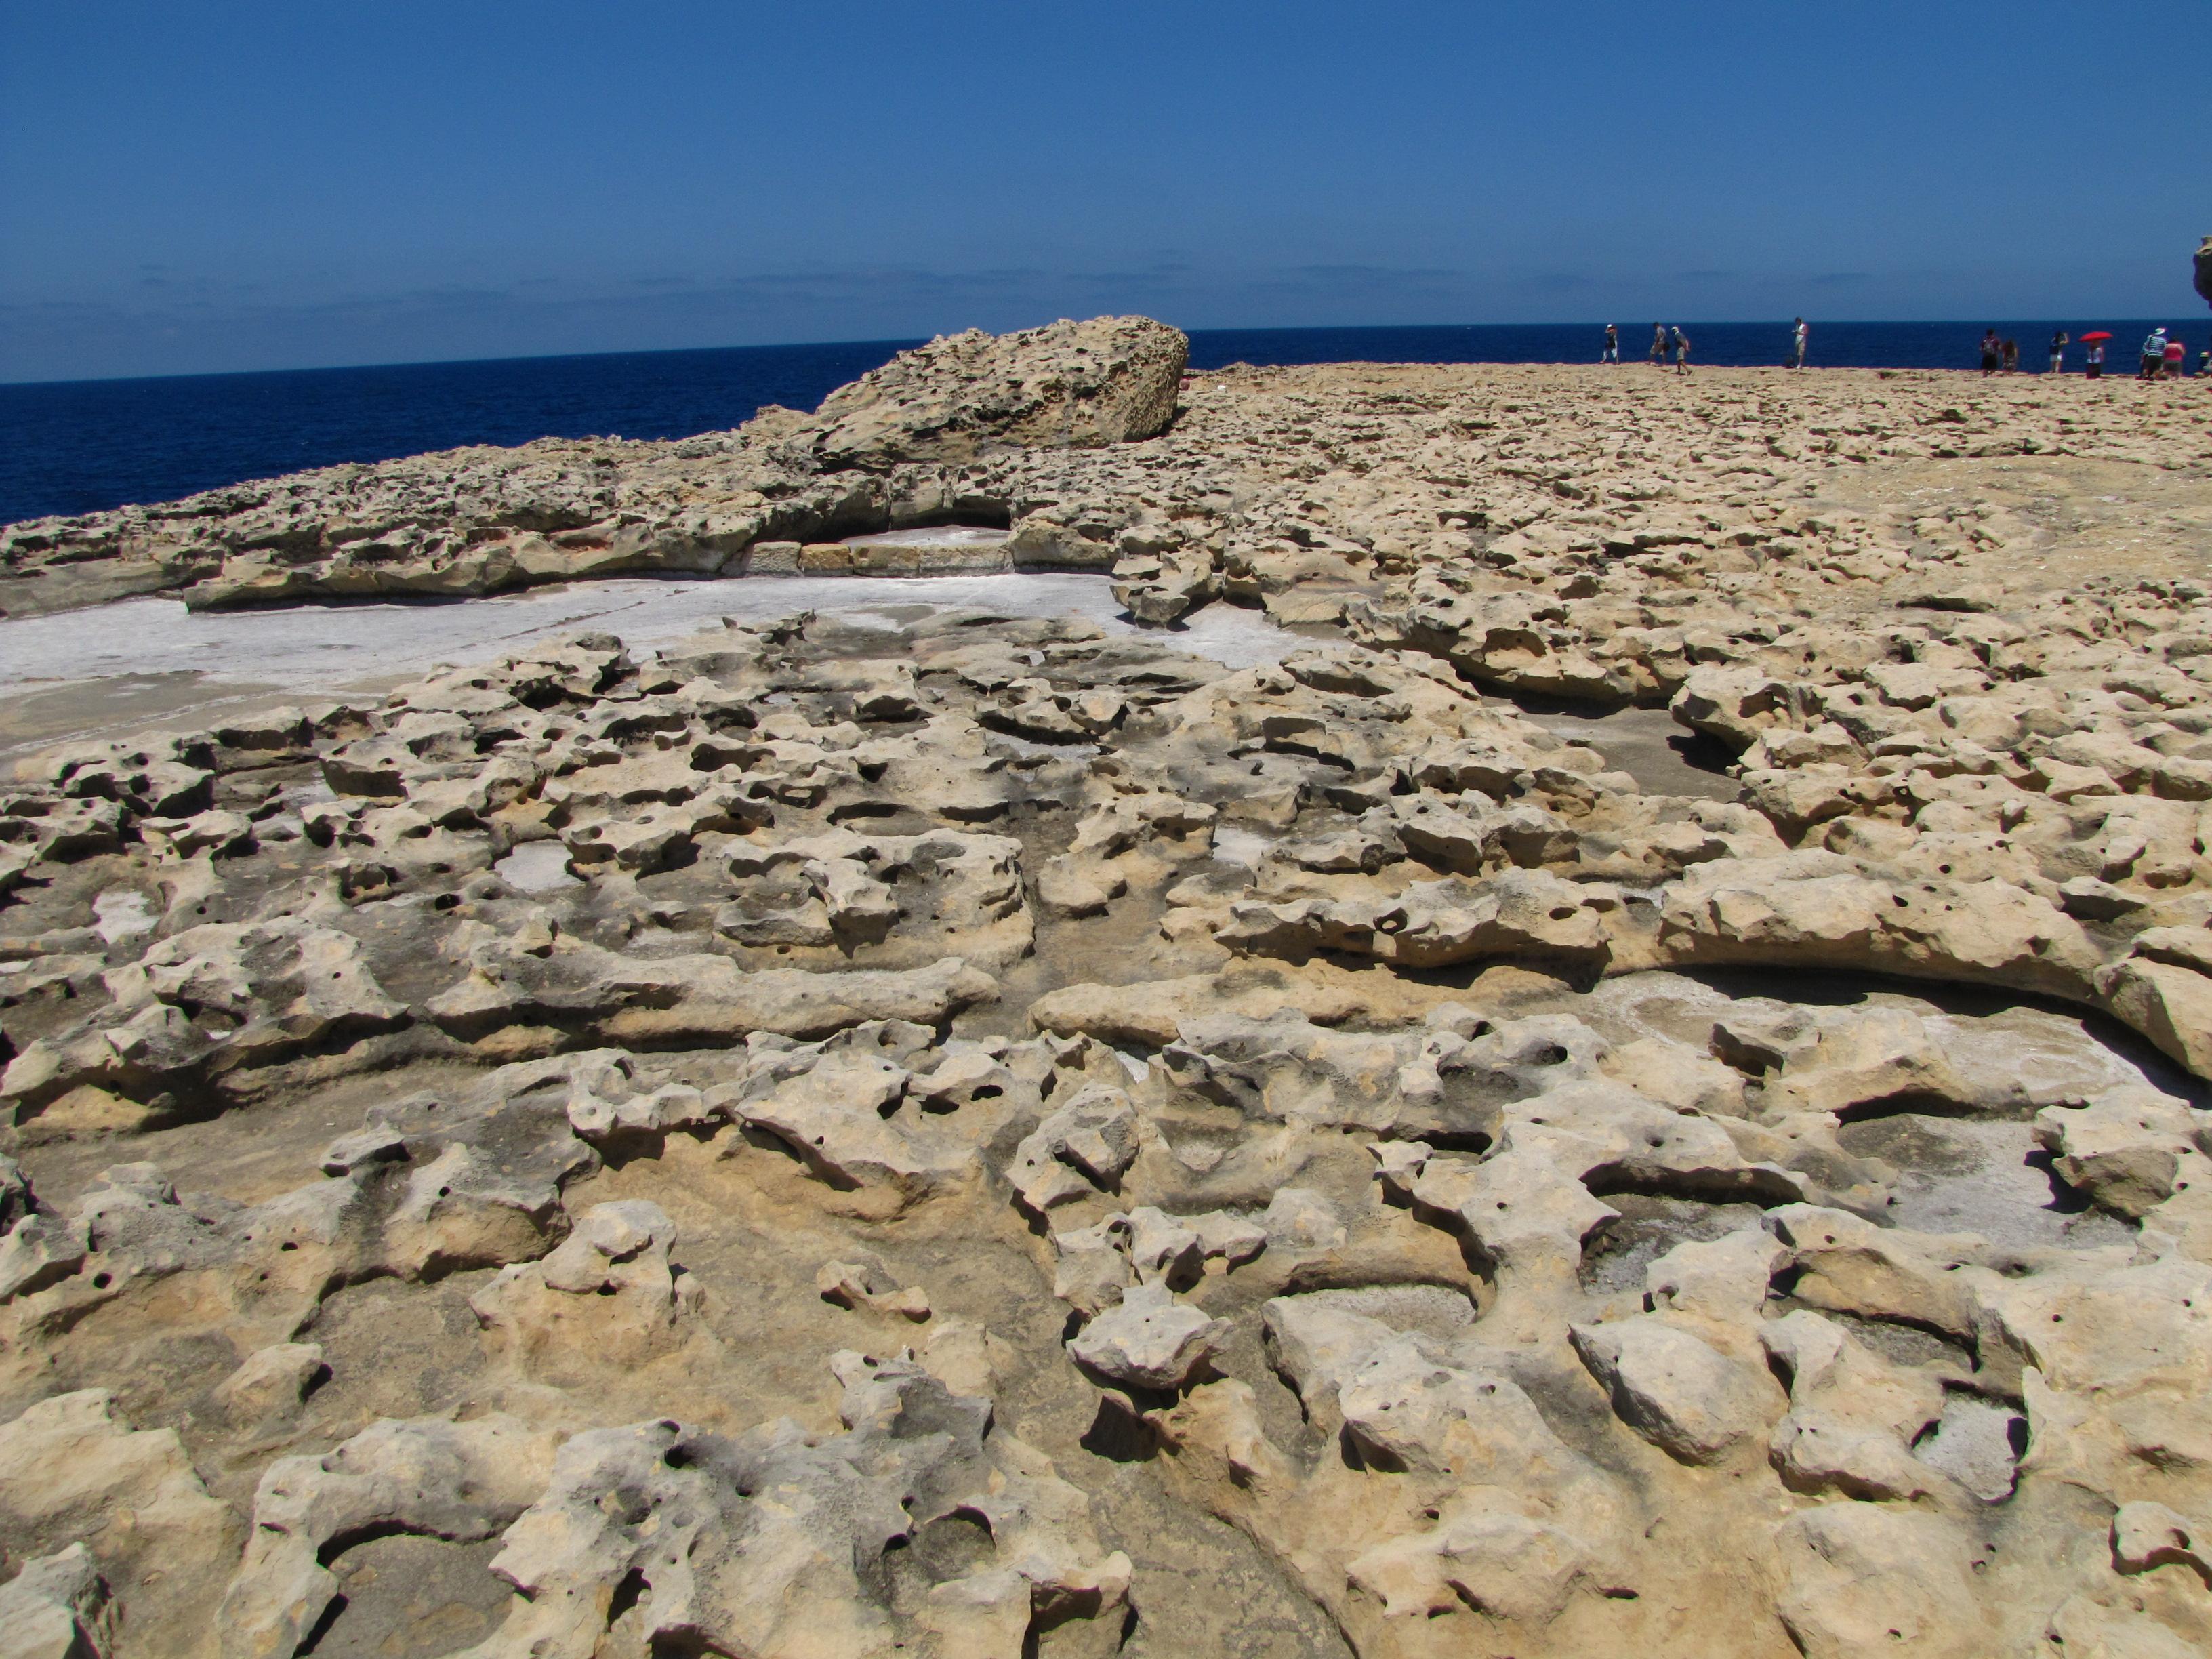 Страните, остри скали. Бялото е морска сол